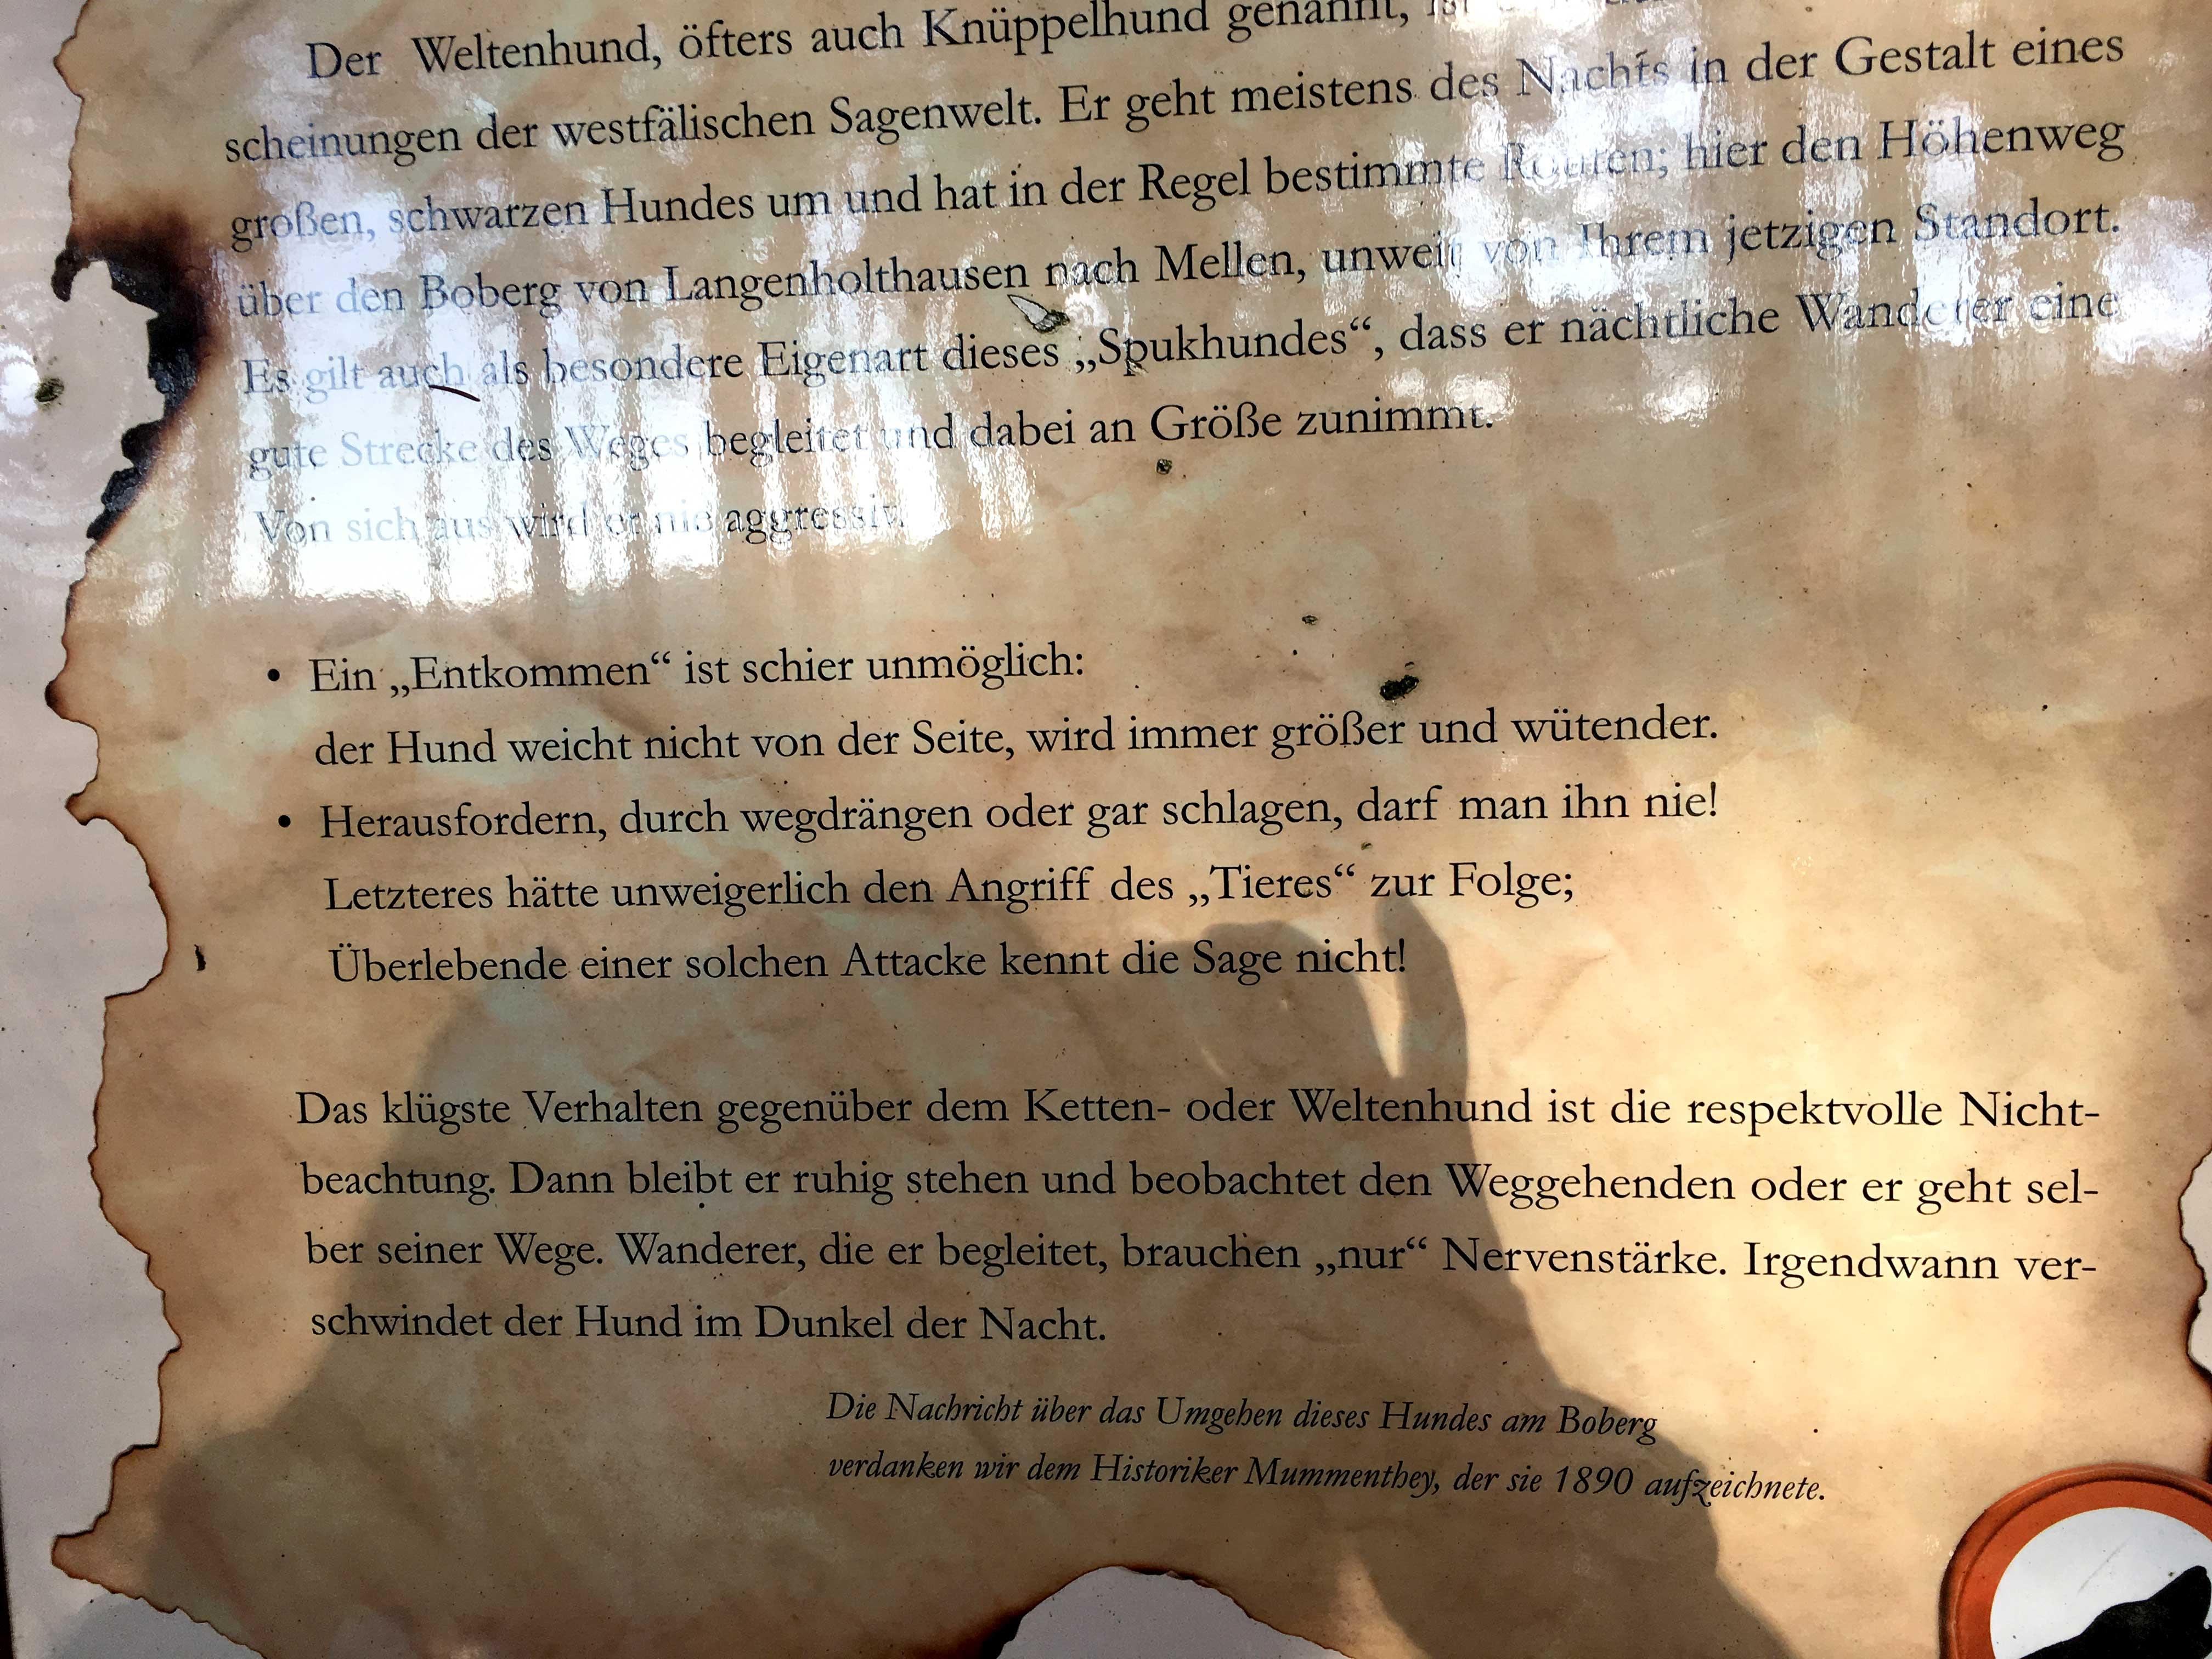 Die Geschichte vom Knüppelhund